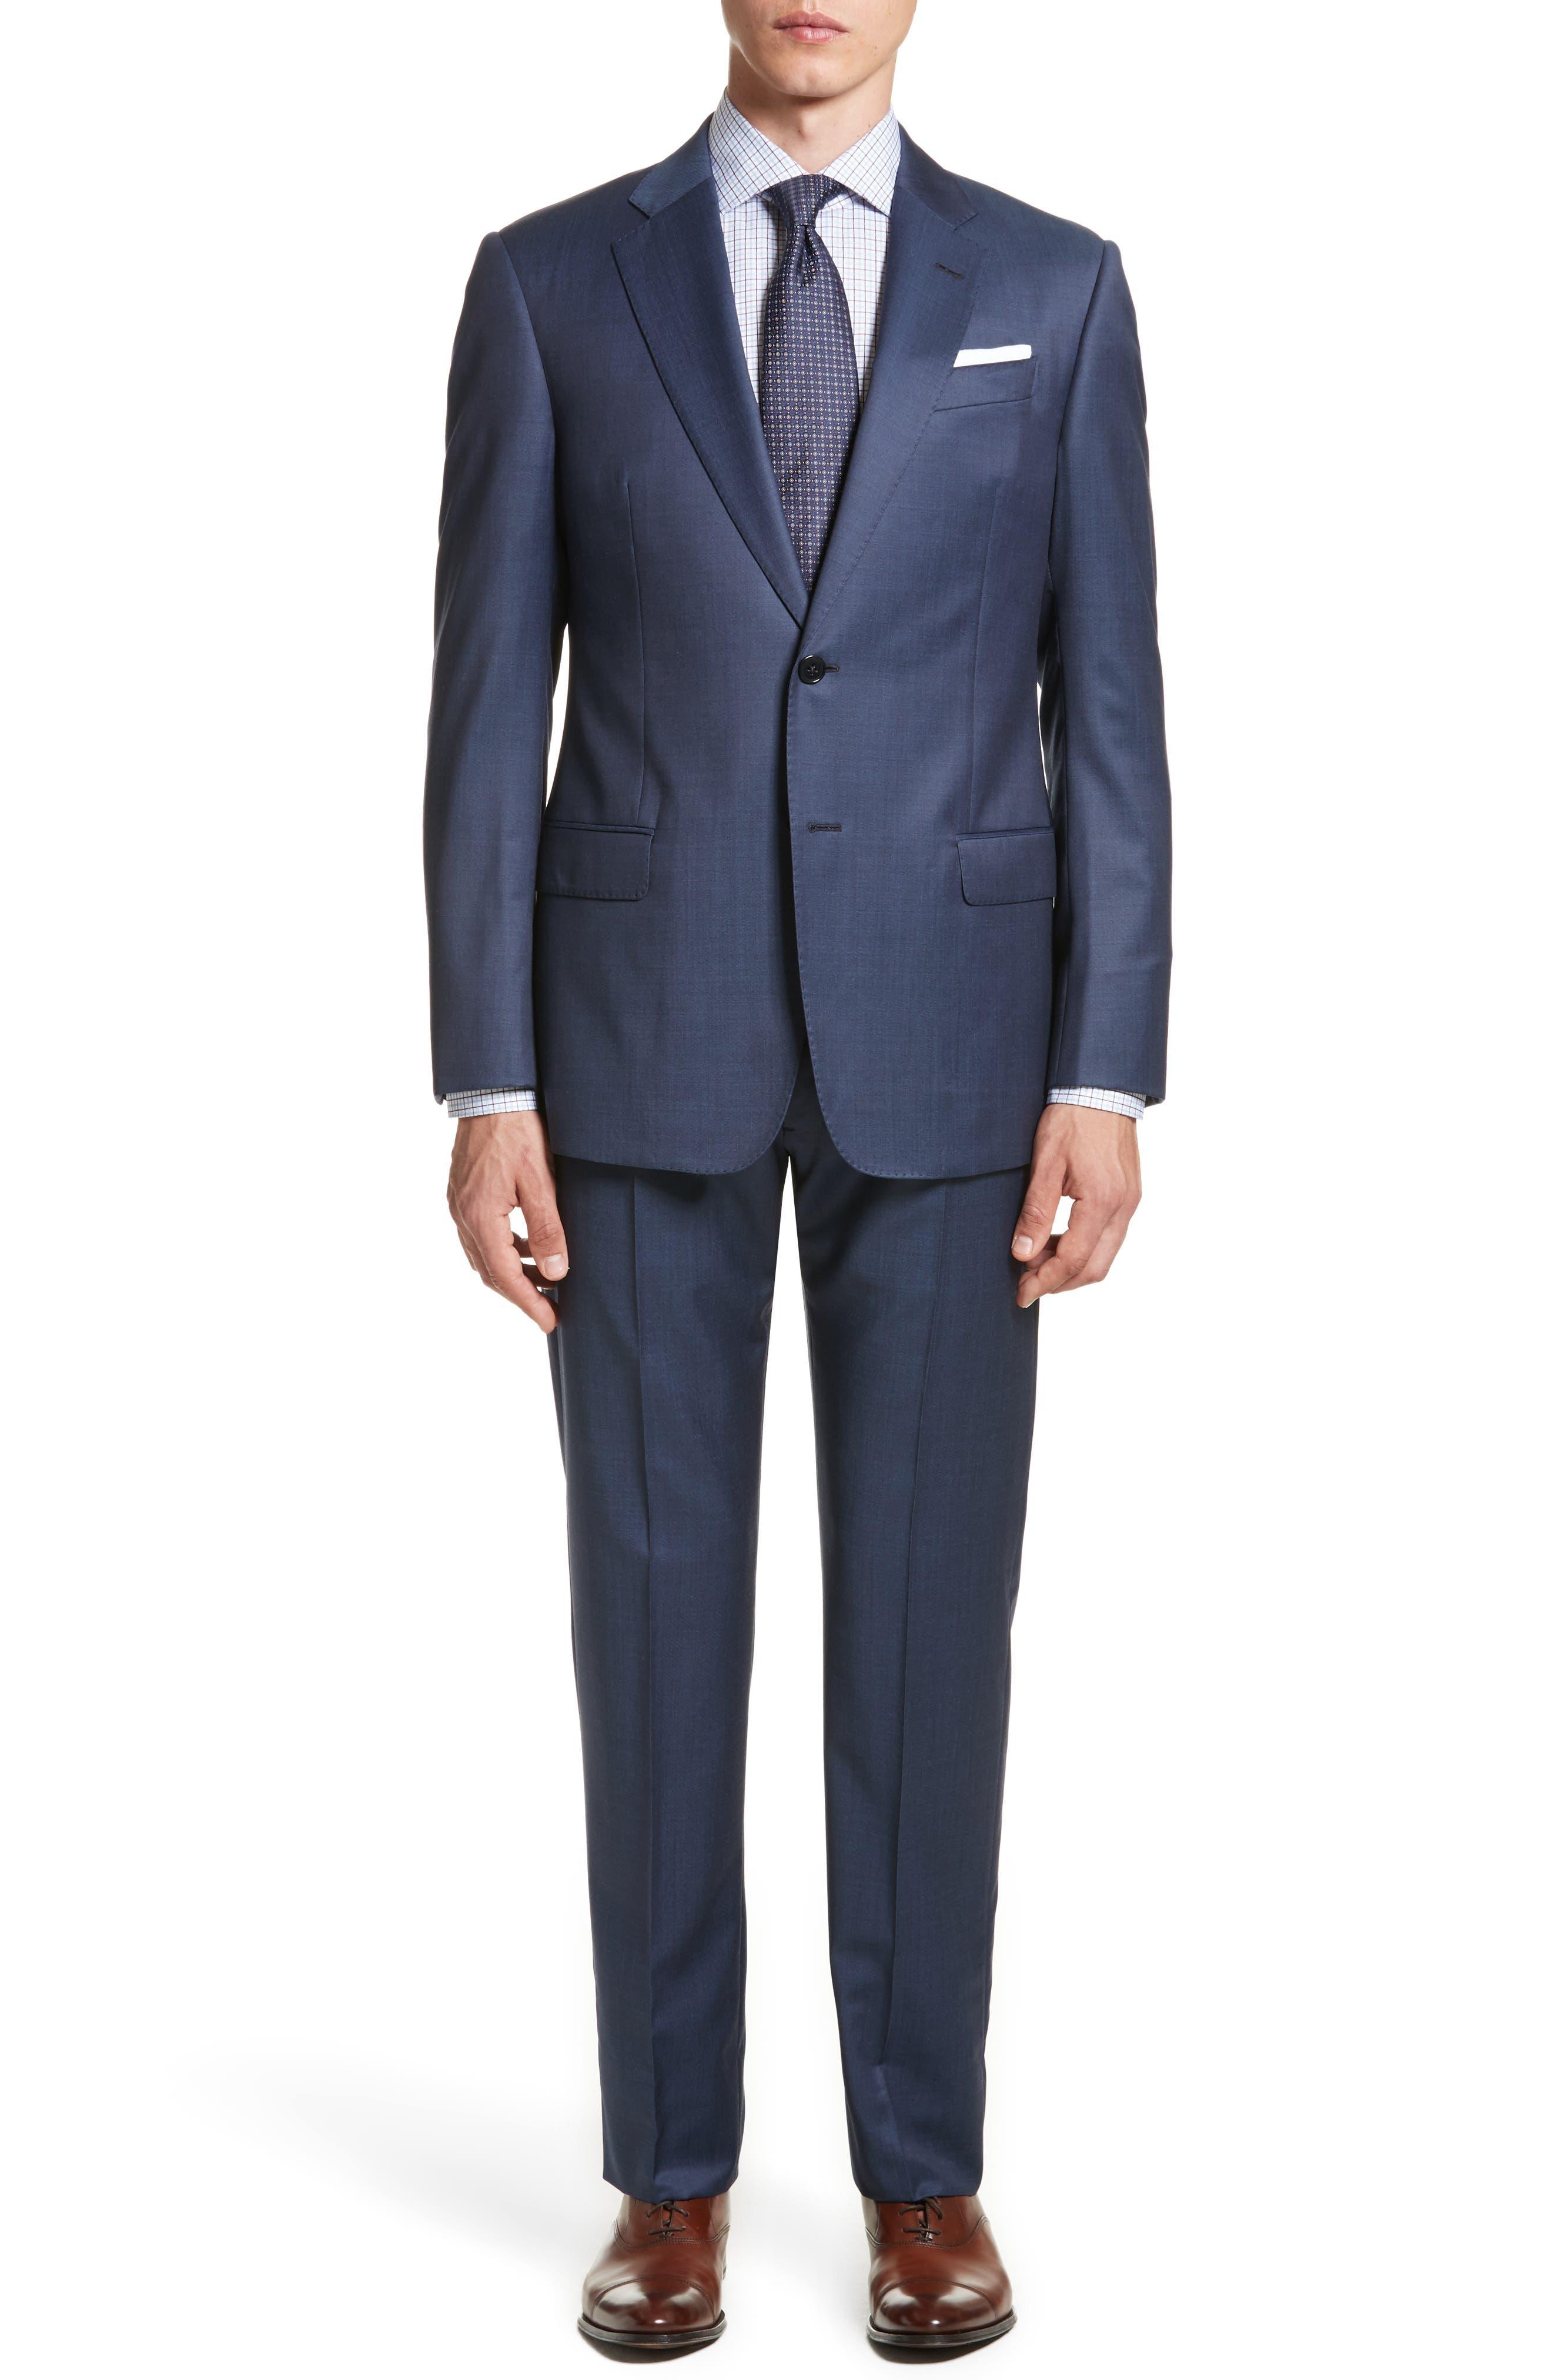 Main Image - Armani Collezioni G-Line Trim Fit Plaid Wool Suit